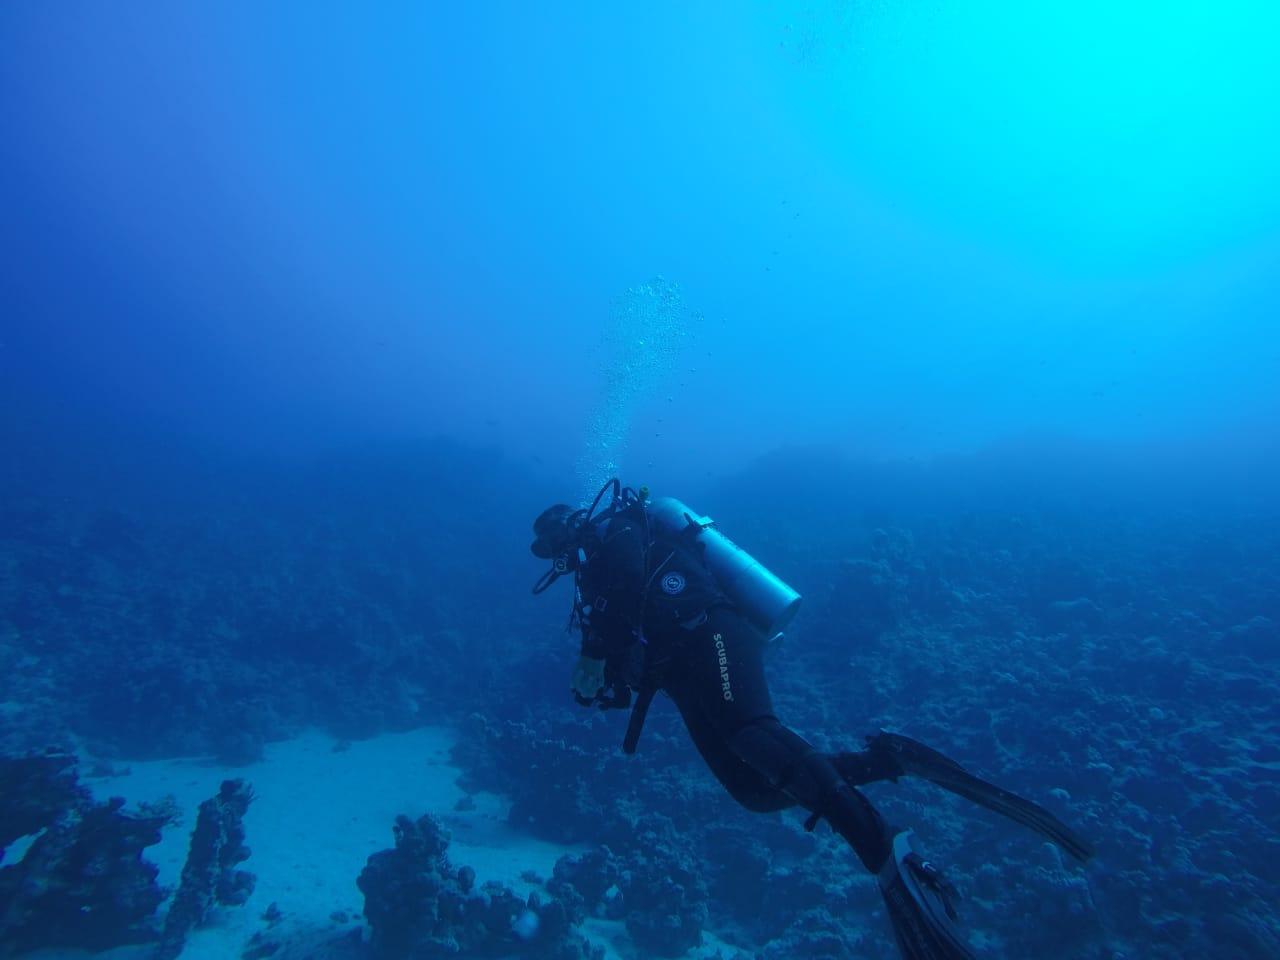 الكشف عن مقدمة سفينة غارقة تعود للقرن الـ18 بأعماق البحر الأحمر في مصر